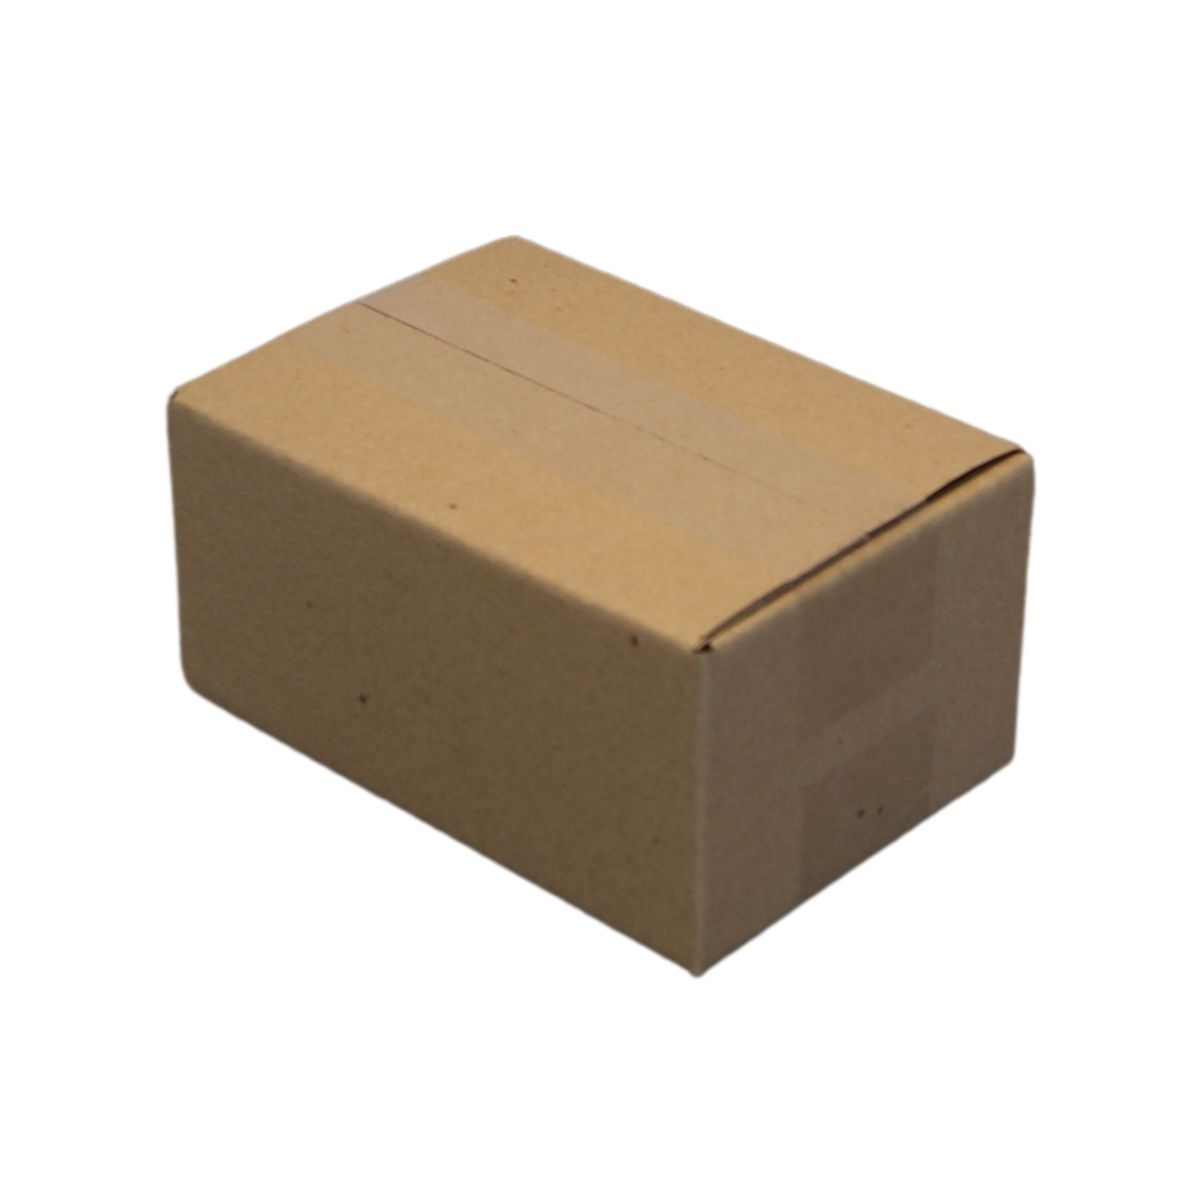 100 Caixas de Papelao (16X11X8)cm - Sedex / Pac / Correios